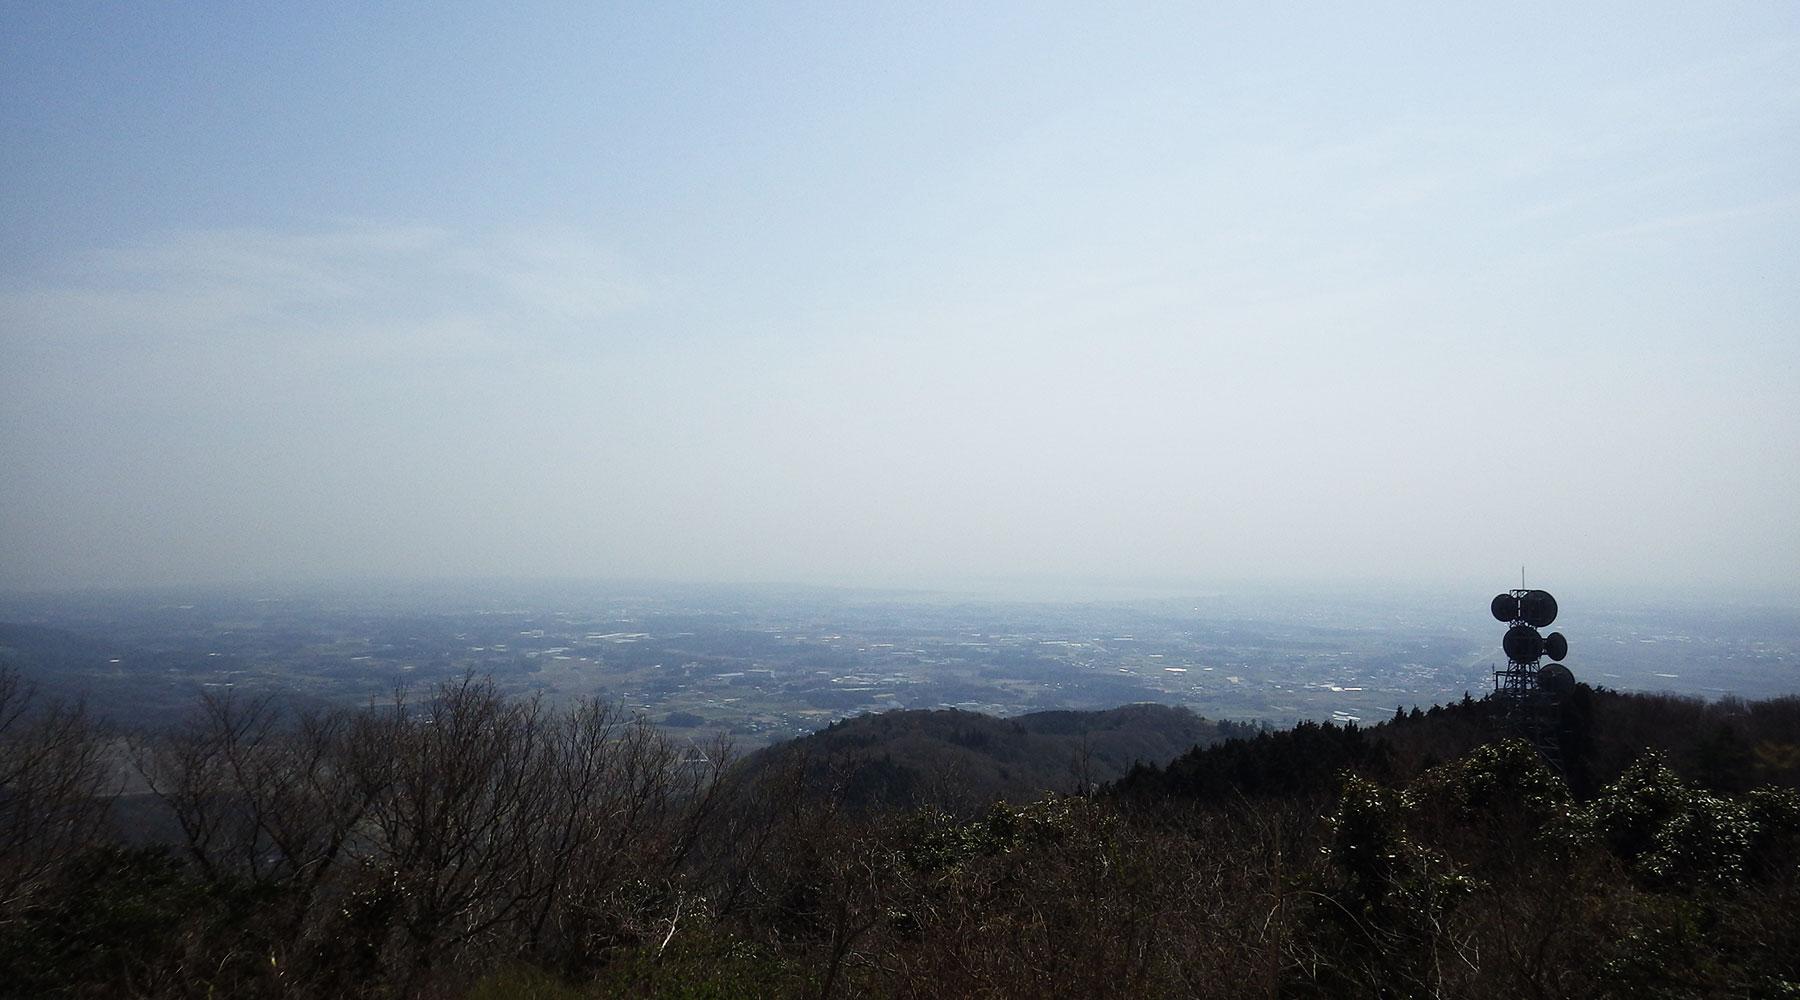 宝篋山山頂から見た霞ヶ浦